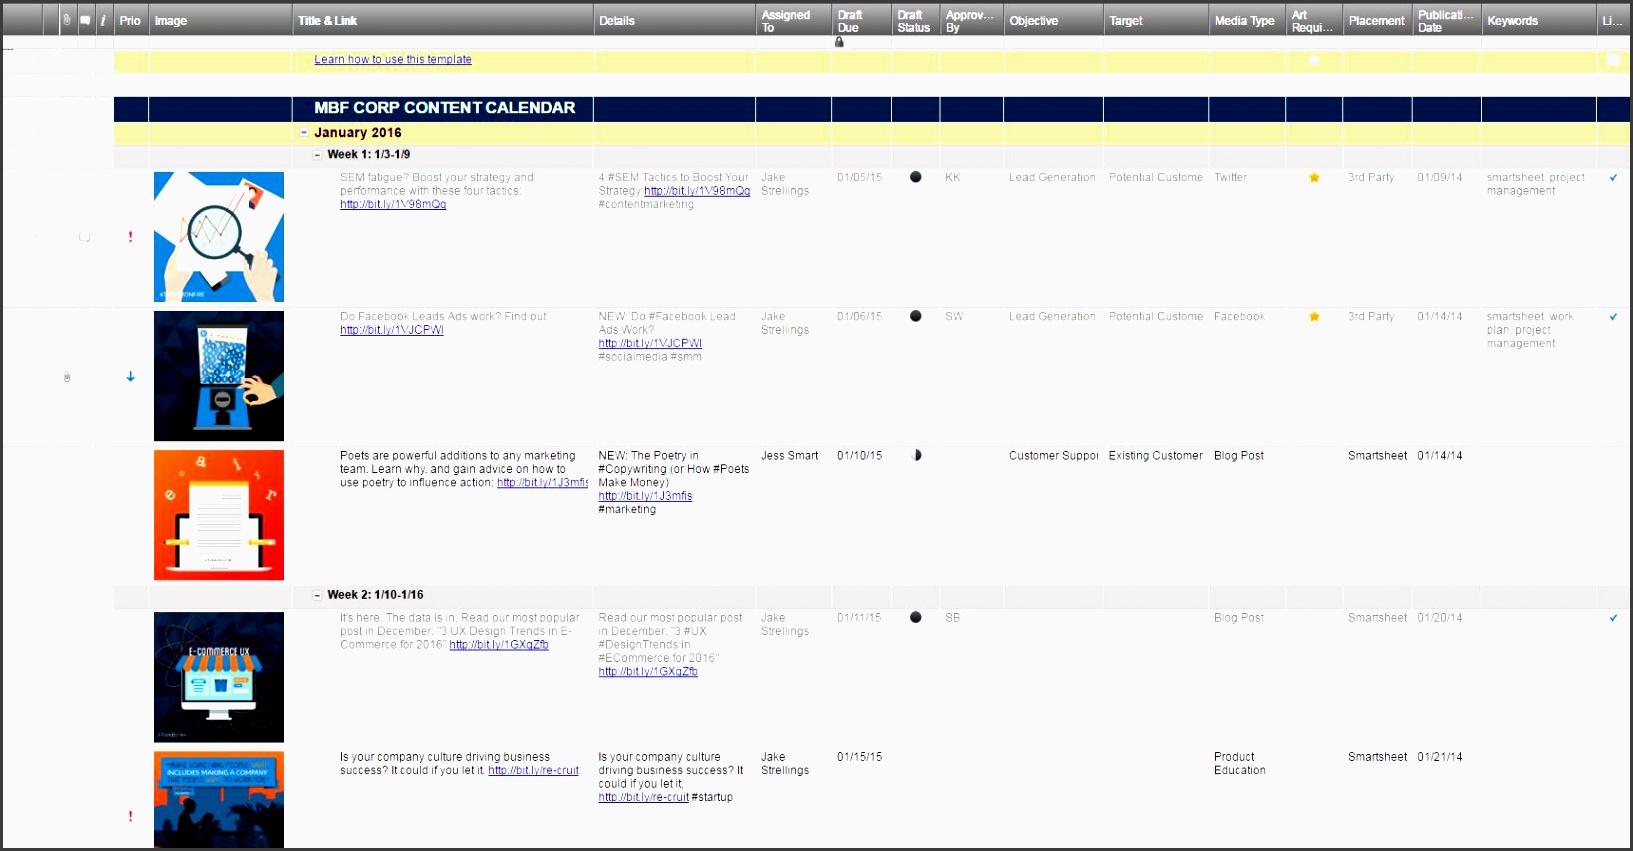 marketing calendar smartsheet